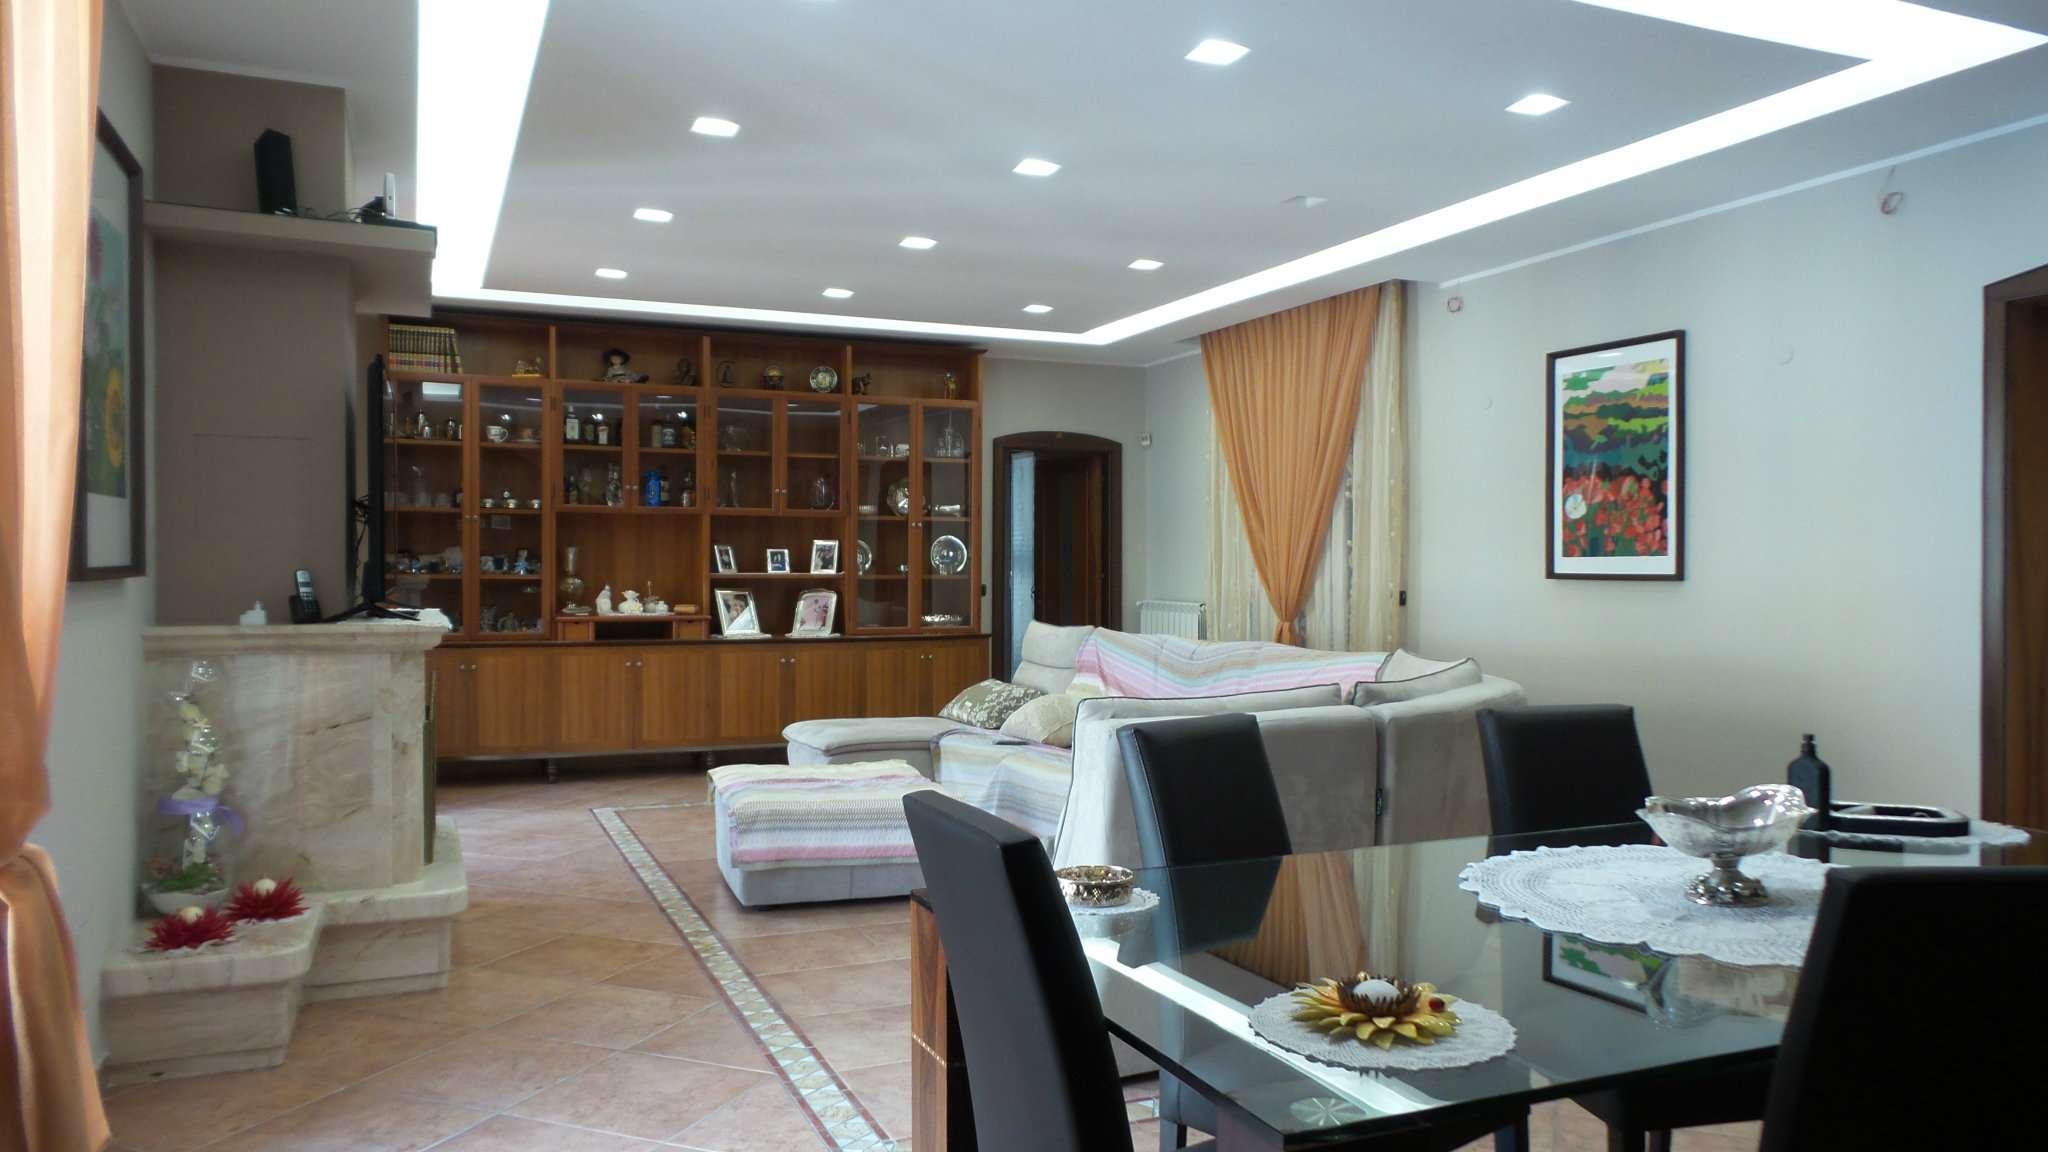 Appartamento in vendita a Frattamaggiore, 6 locali, prezzo € 420.000 | CambioCasa.it